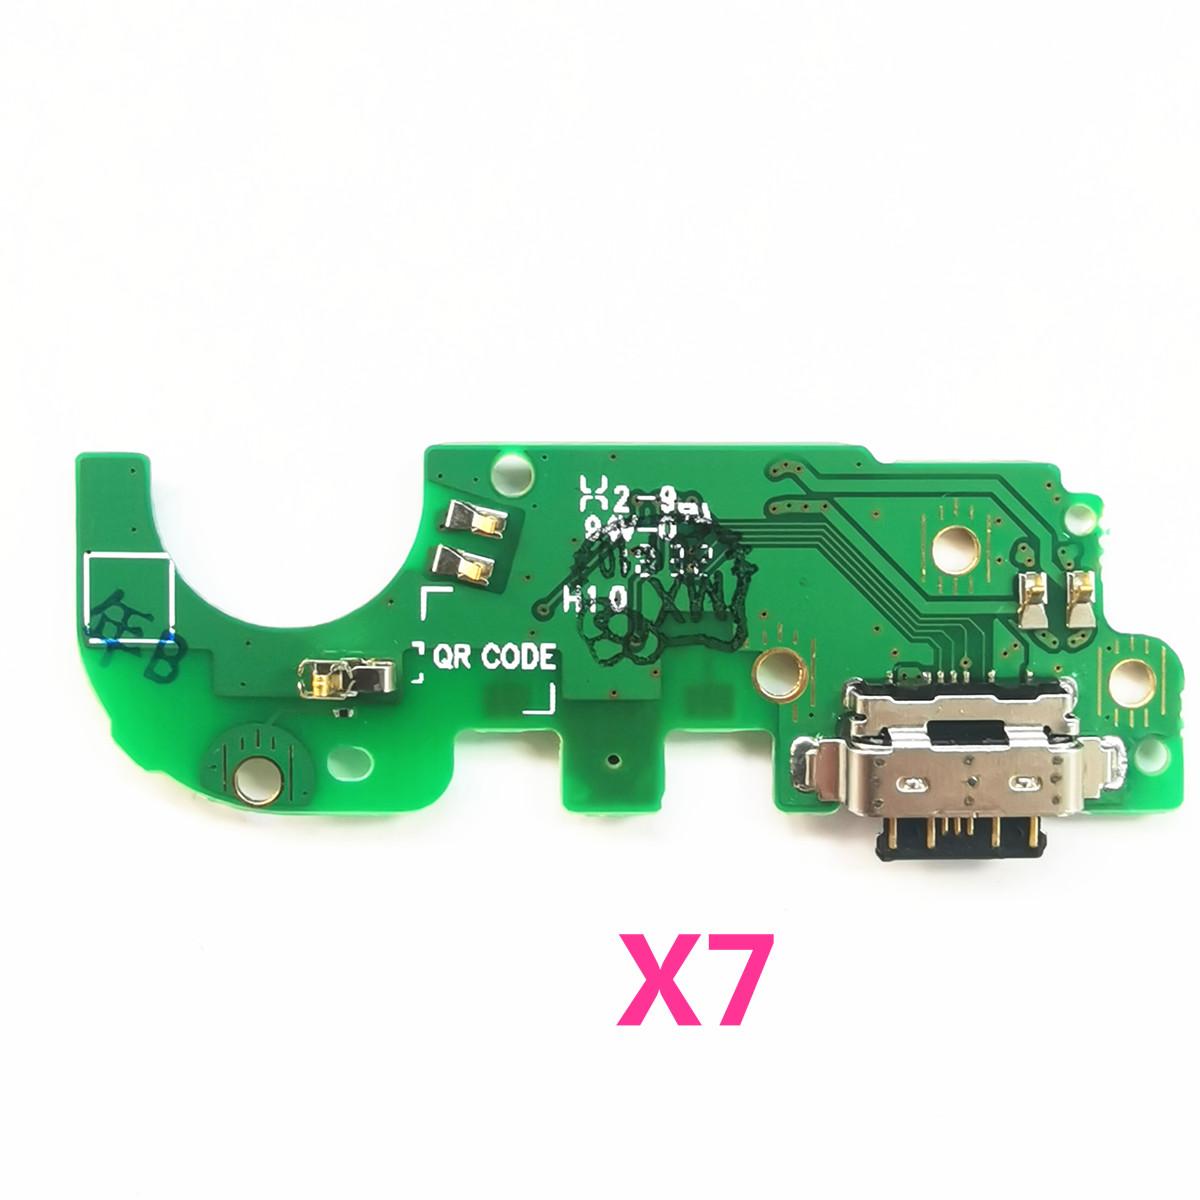 适用尾插小板充电接口通话讯号送话器详细照片